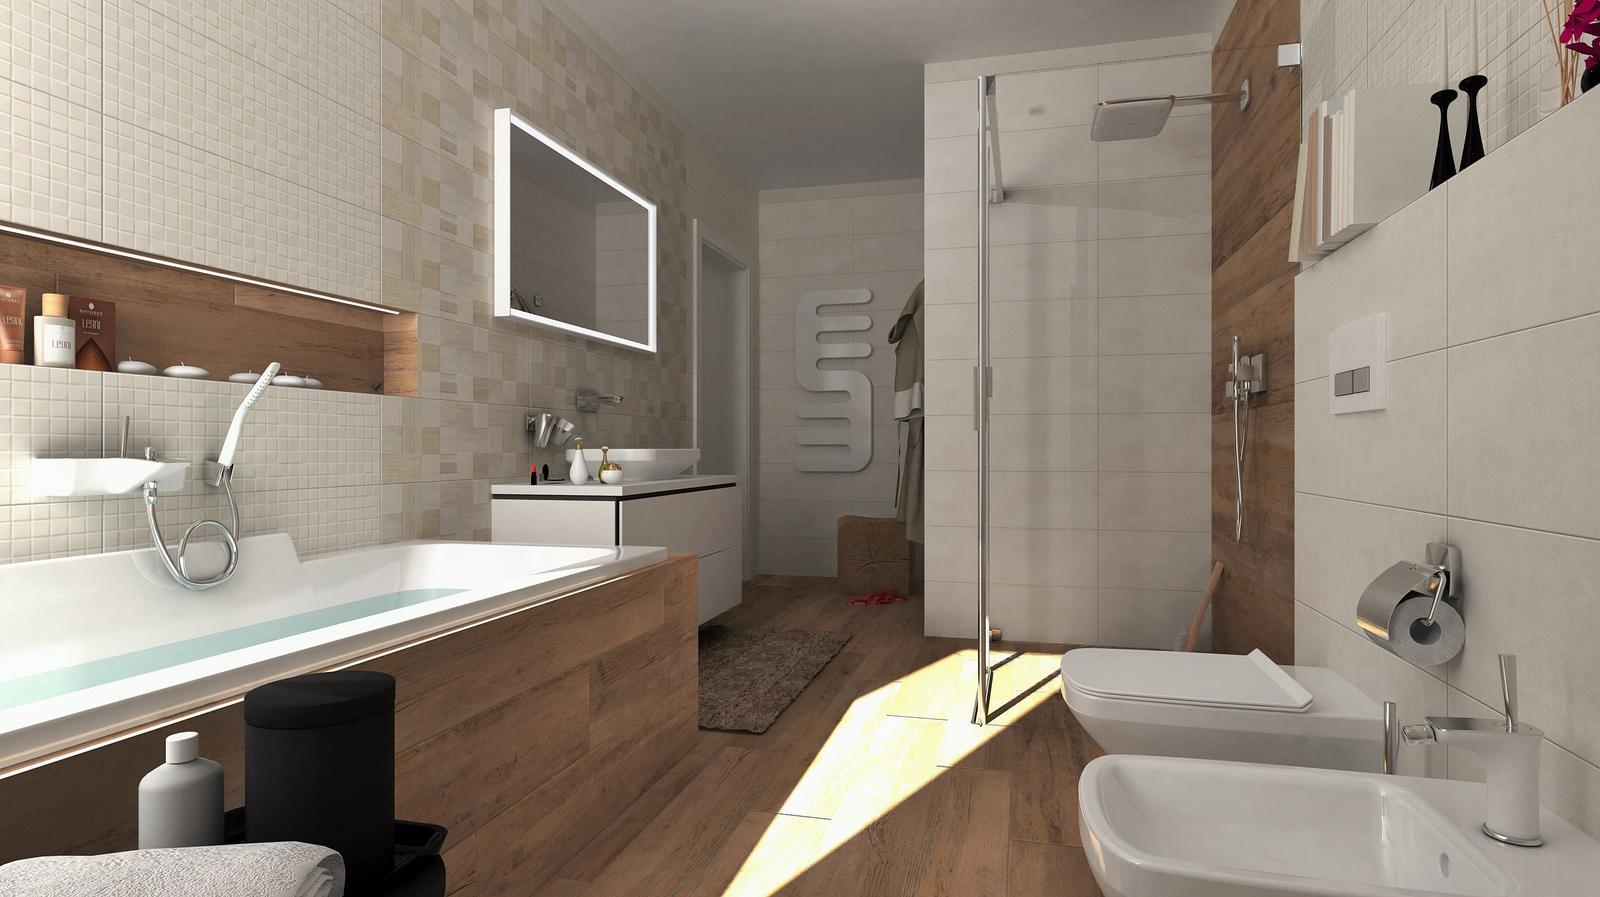 Vizualizácie kúpeľní - Vizualizácia kúpeľne BENEVA